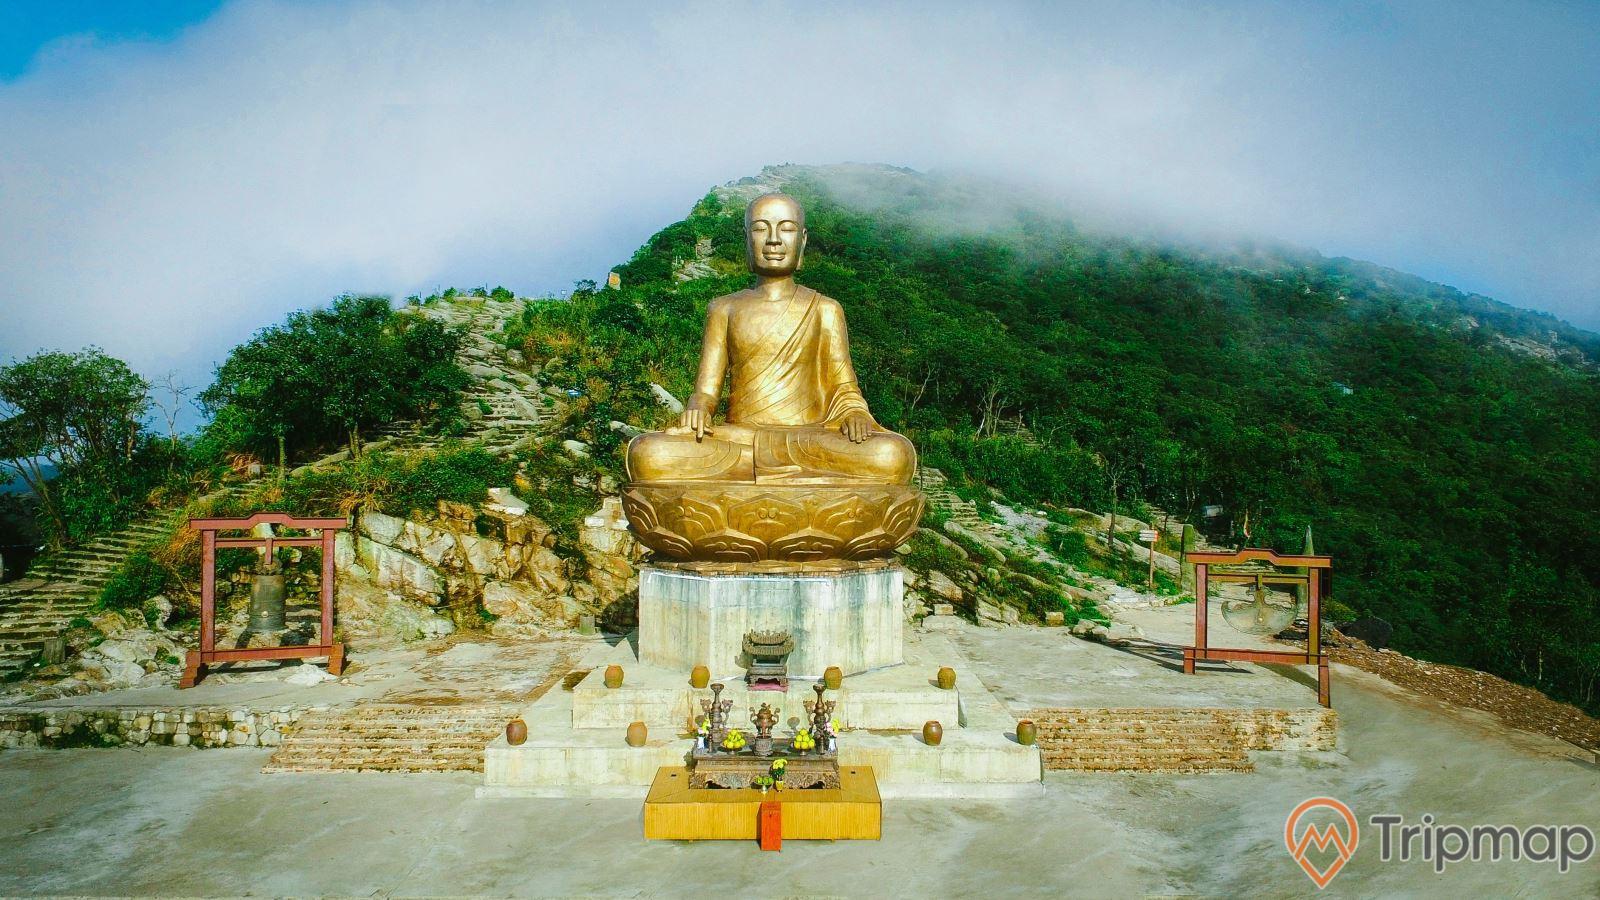 Tượng Phật hoàng Trần Nhân Tông, Yên Tử, tượng bằng đồng, chuông đồng, ngọn núi nhiều cây xanh phía xa, trời nhiều mây, ảnh chụp ban ngày